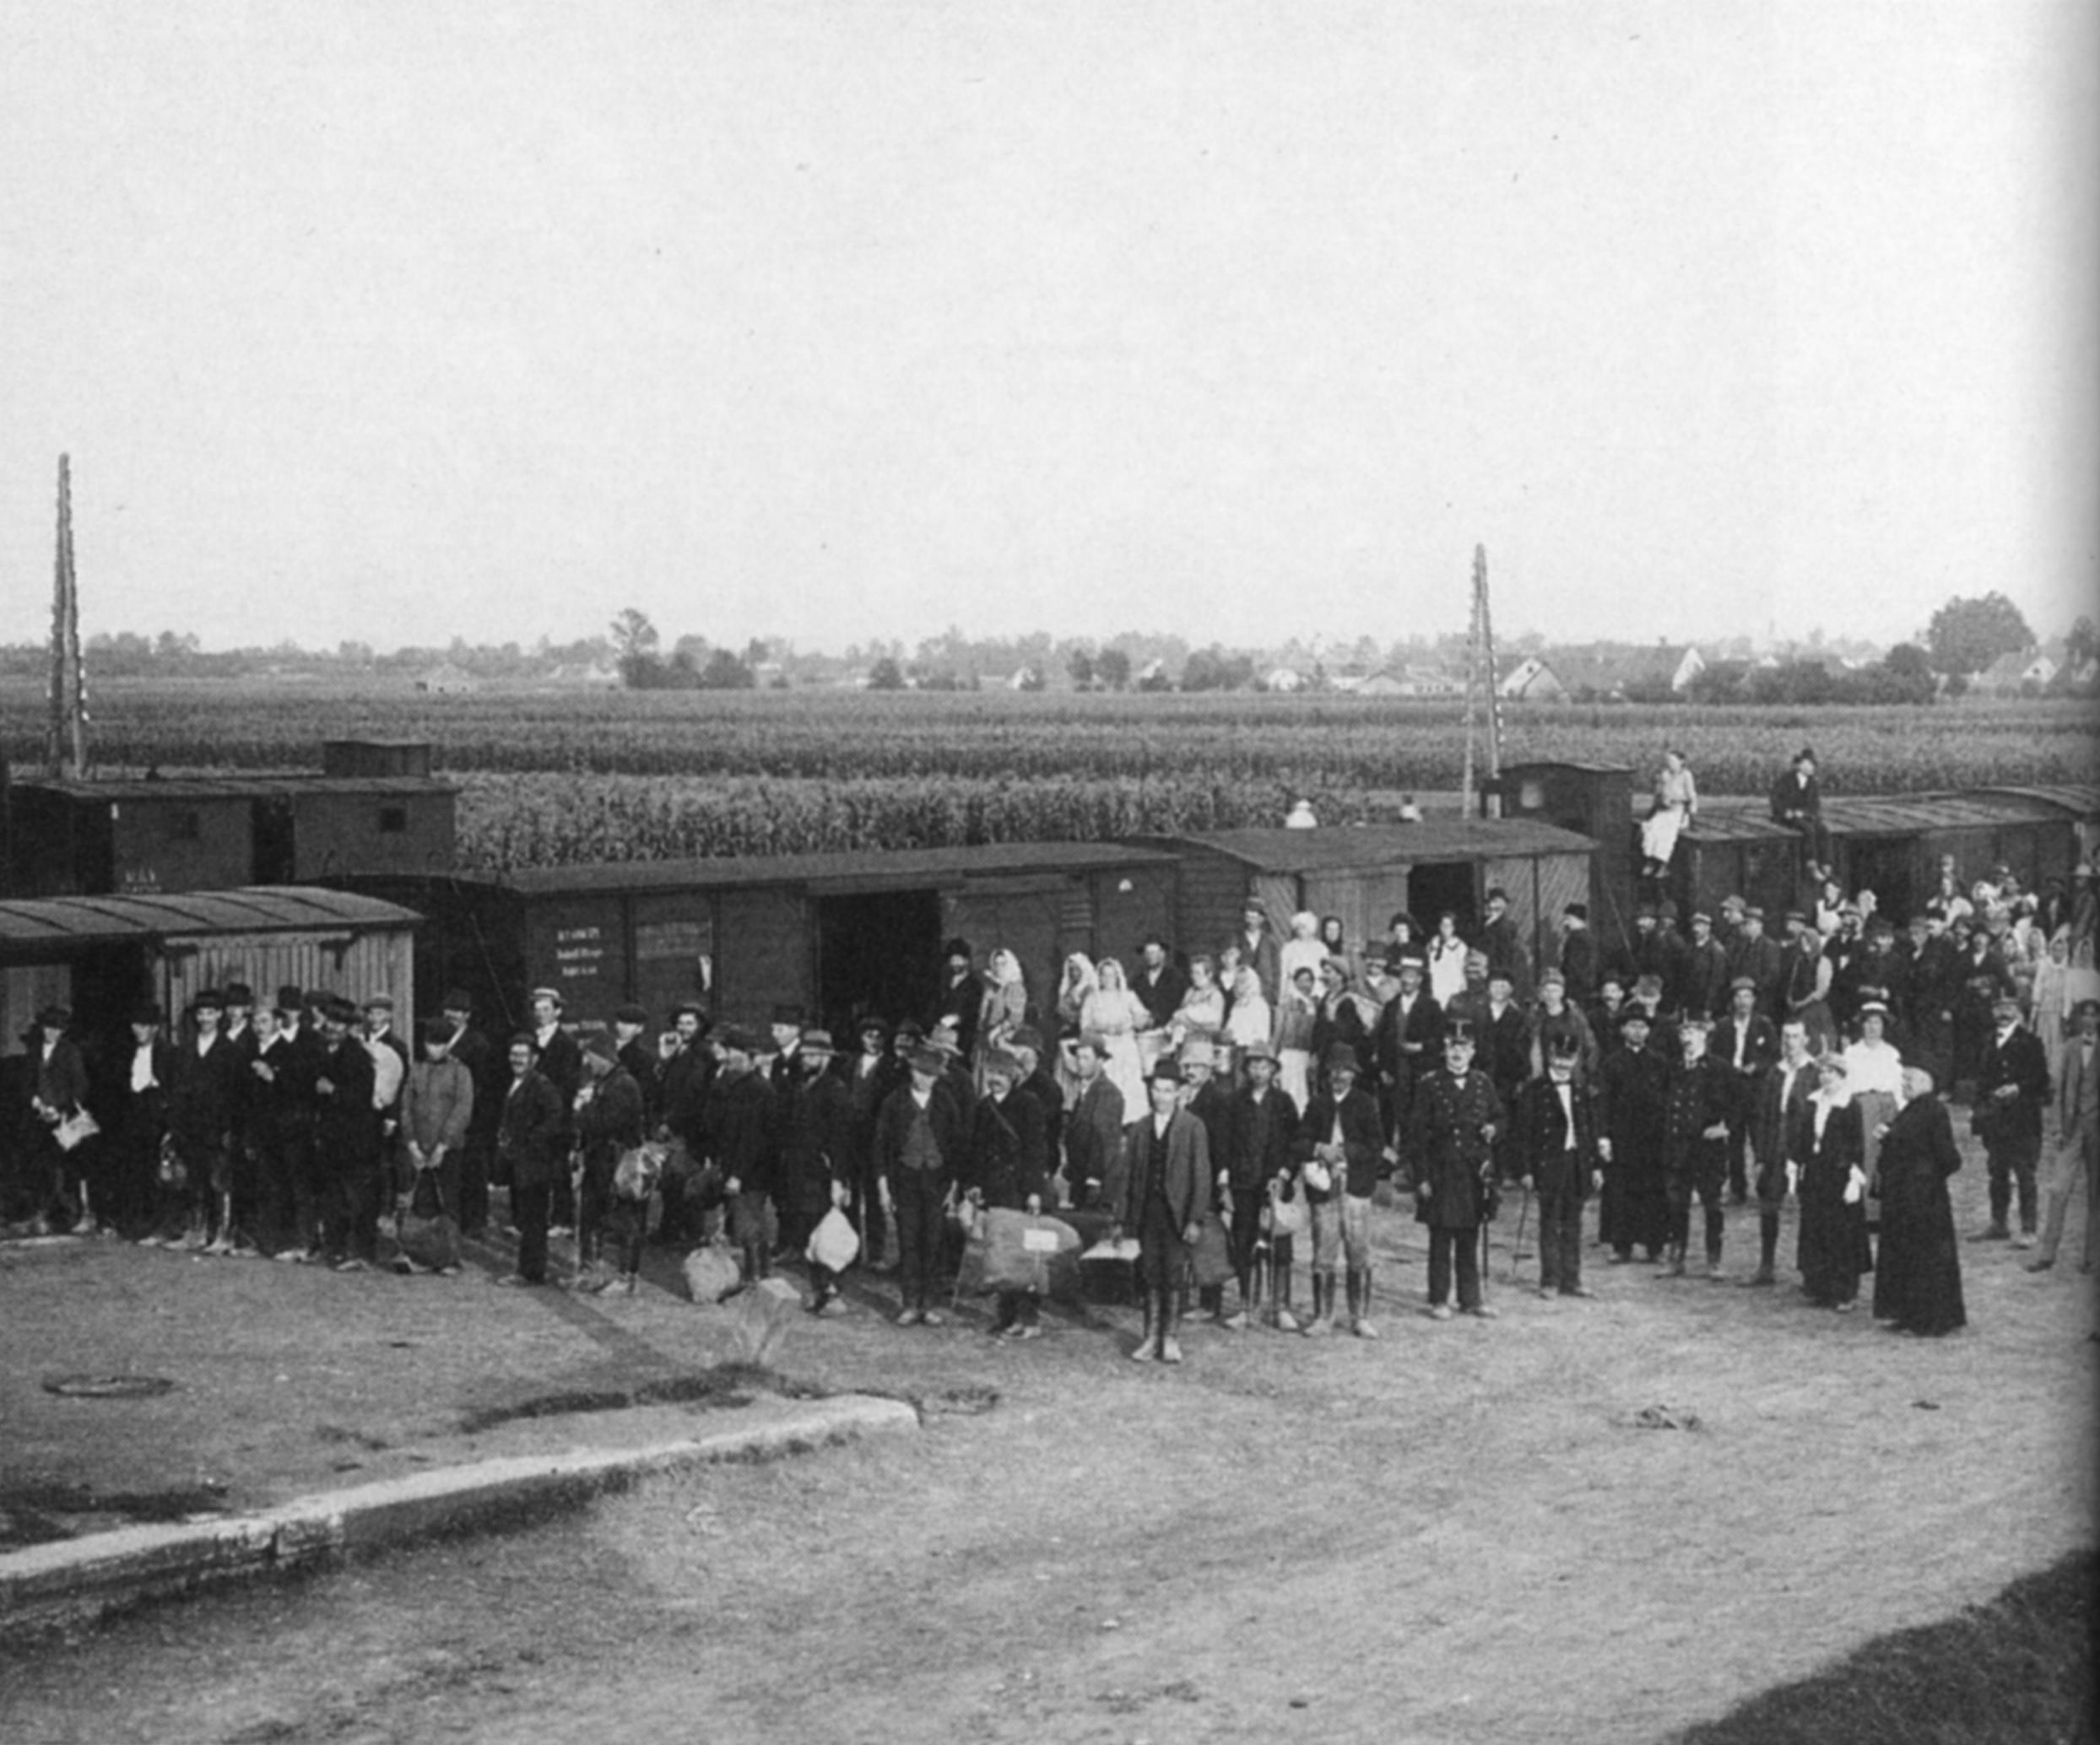 Flüchtlings- und Evakuierungstransport aus Serbien 1914/15 in Leibnitz